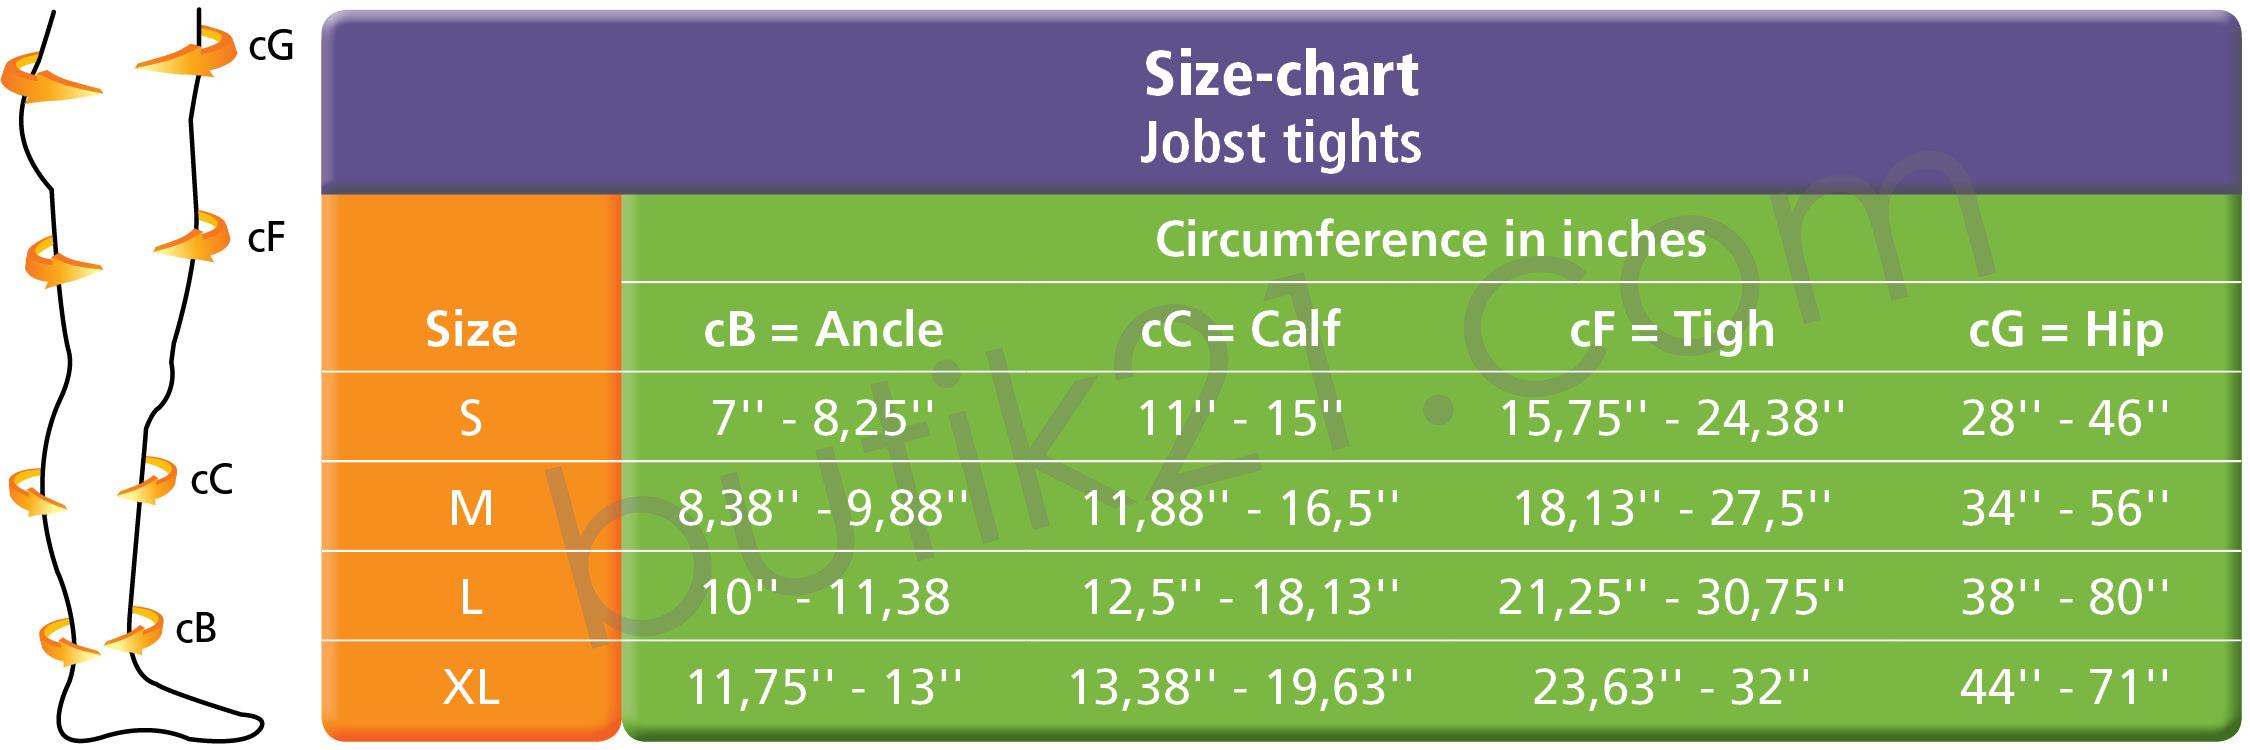 Size chart Jobst UltraSheer tights